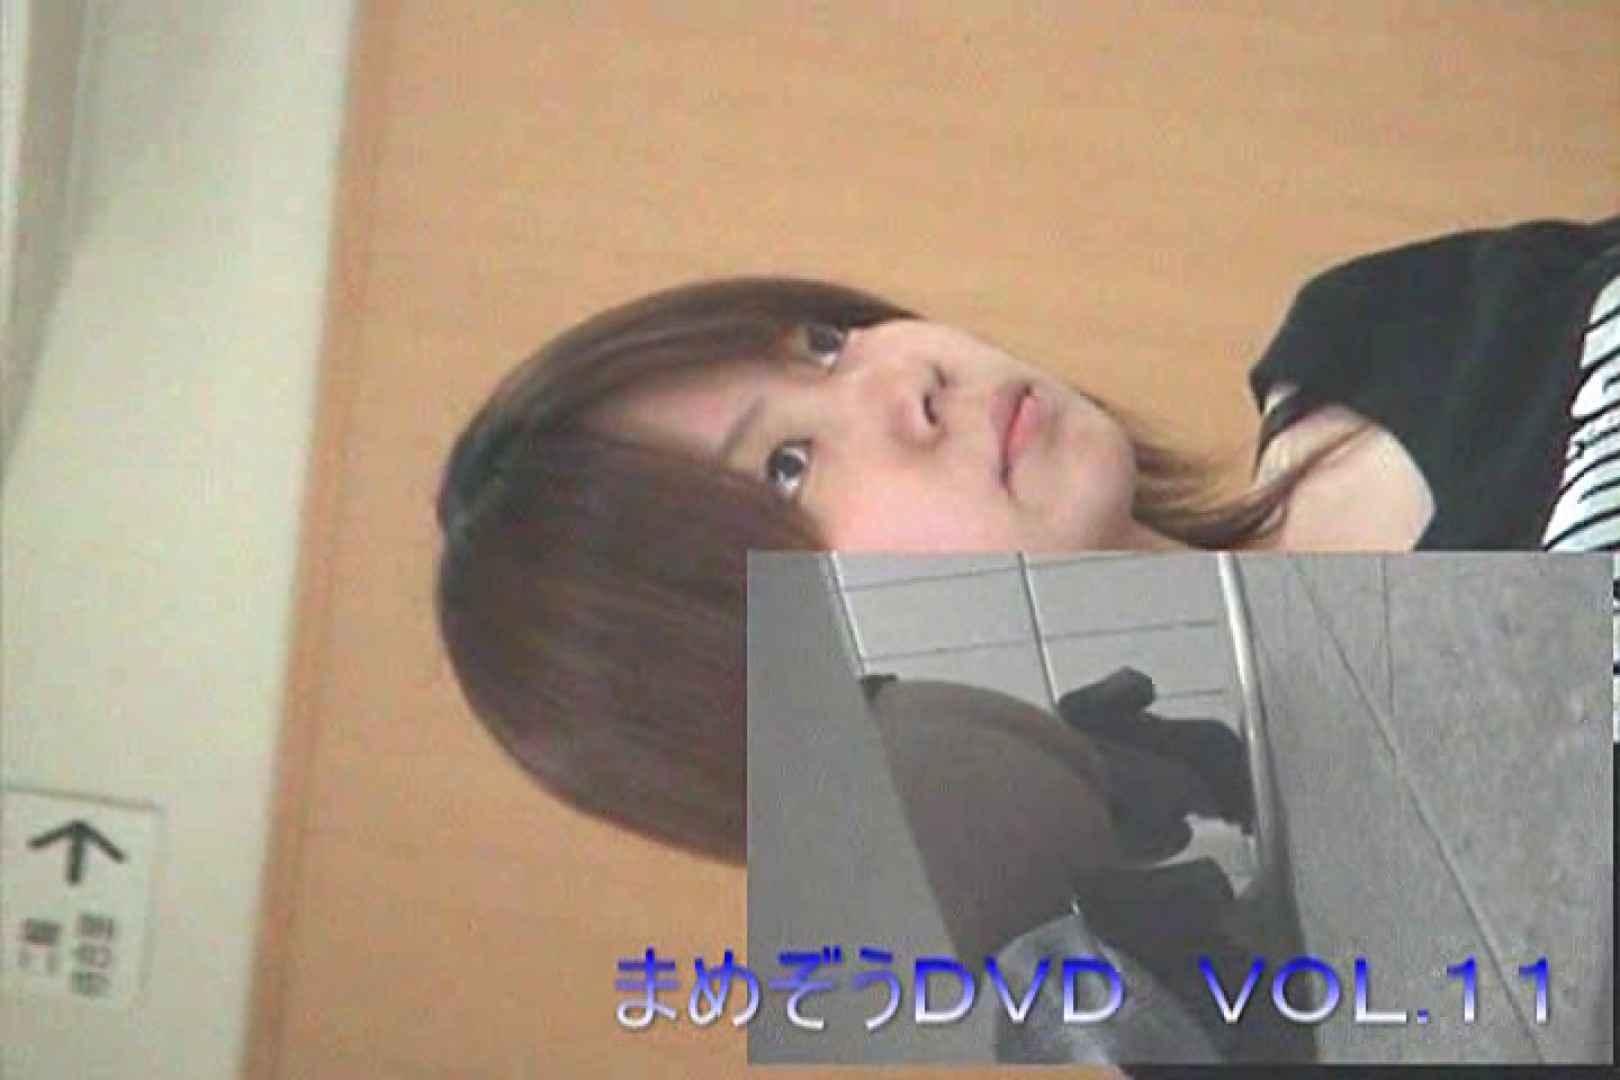 まめぞうDVD完全版VOL.11 ギャル  74PIX 38